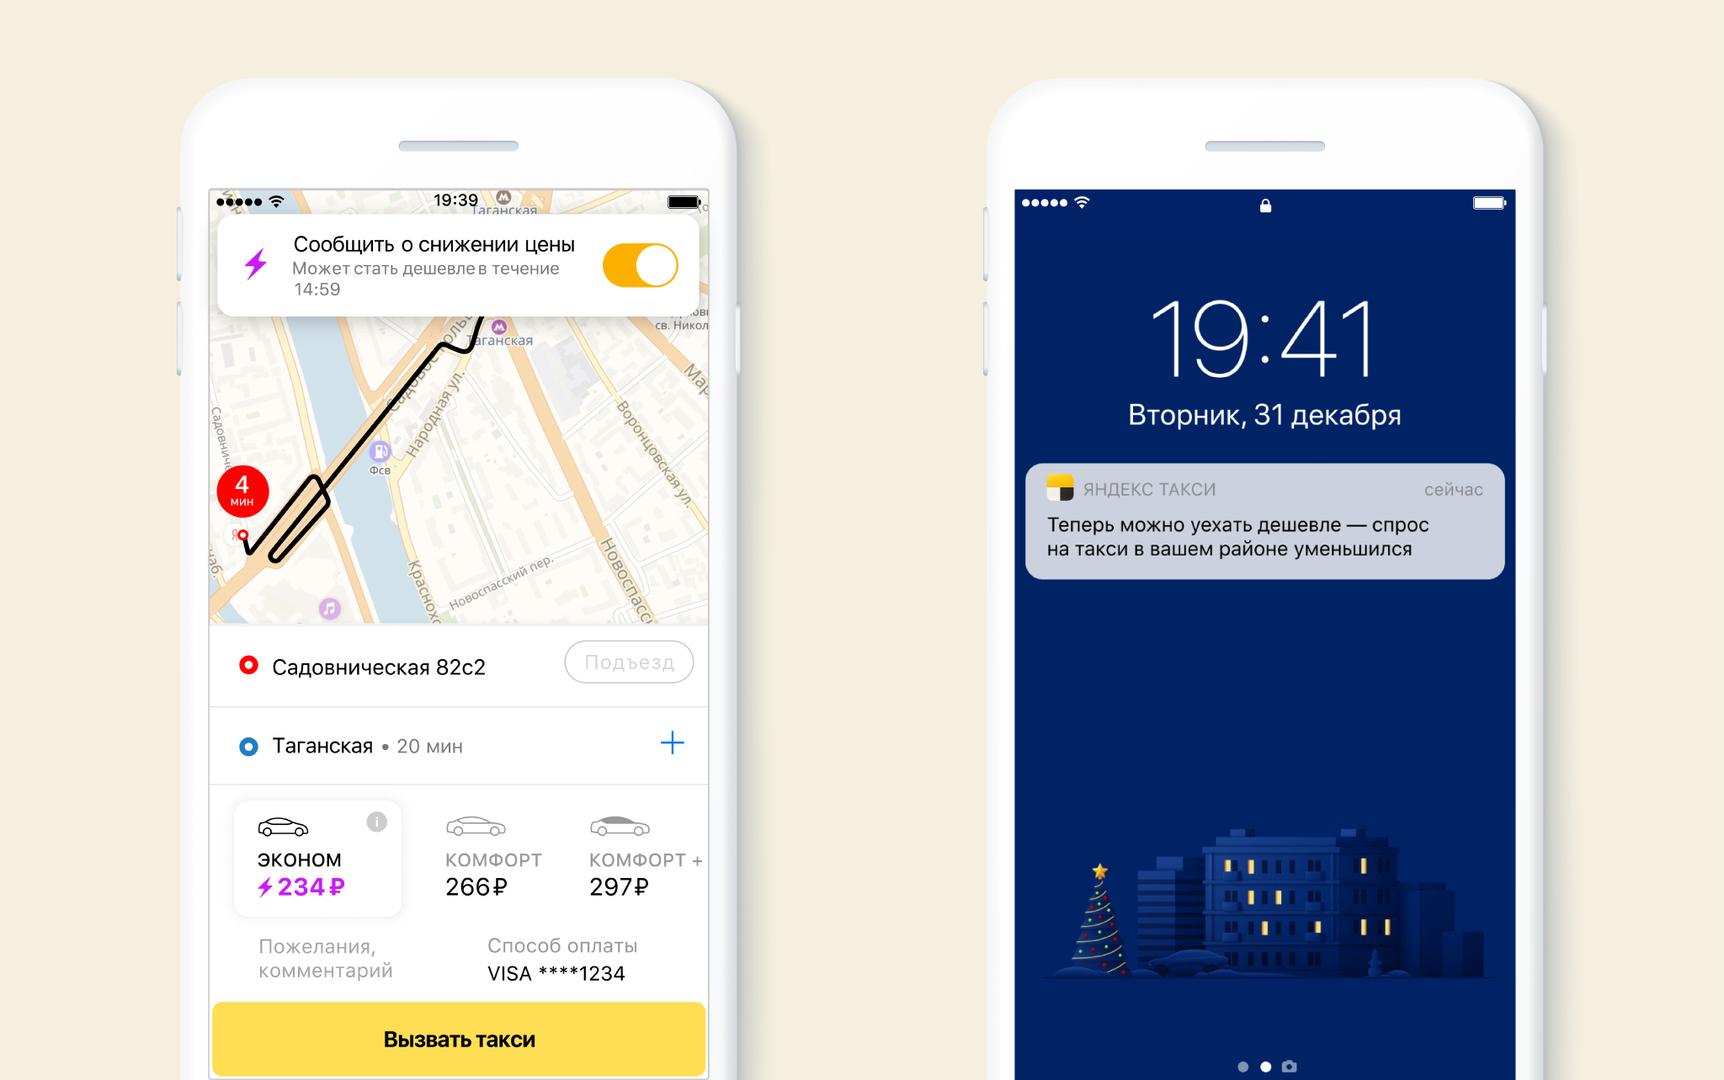 Яндекс.Такси предложит подождать в час пик для заказа такси подешевле